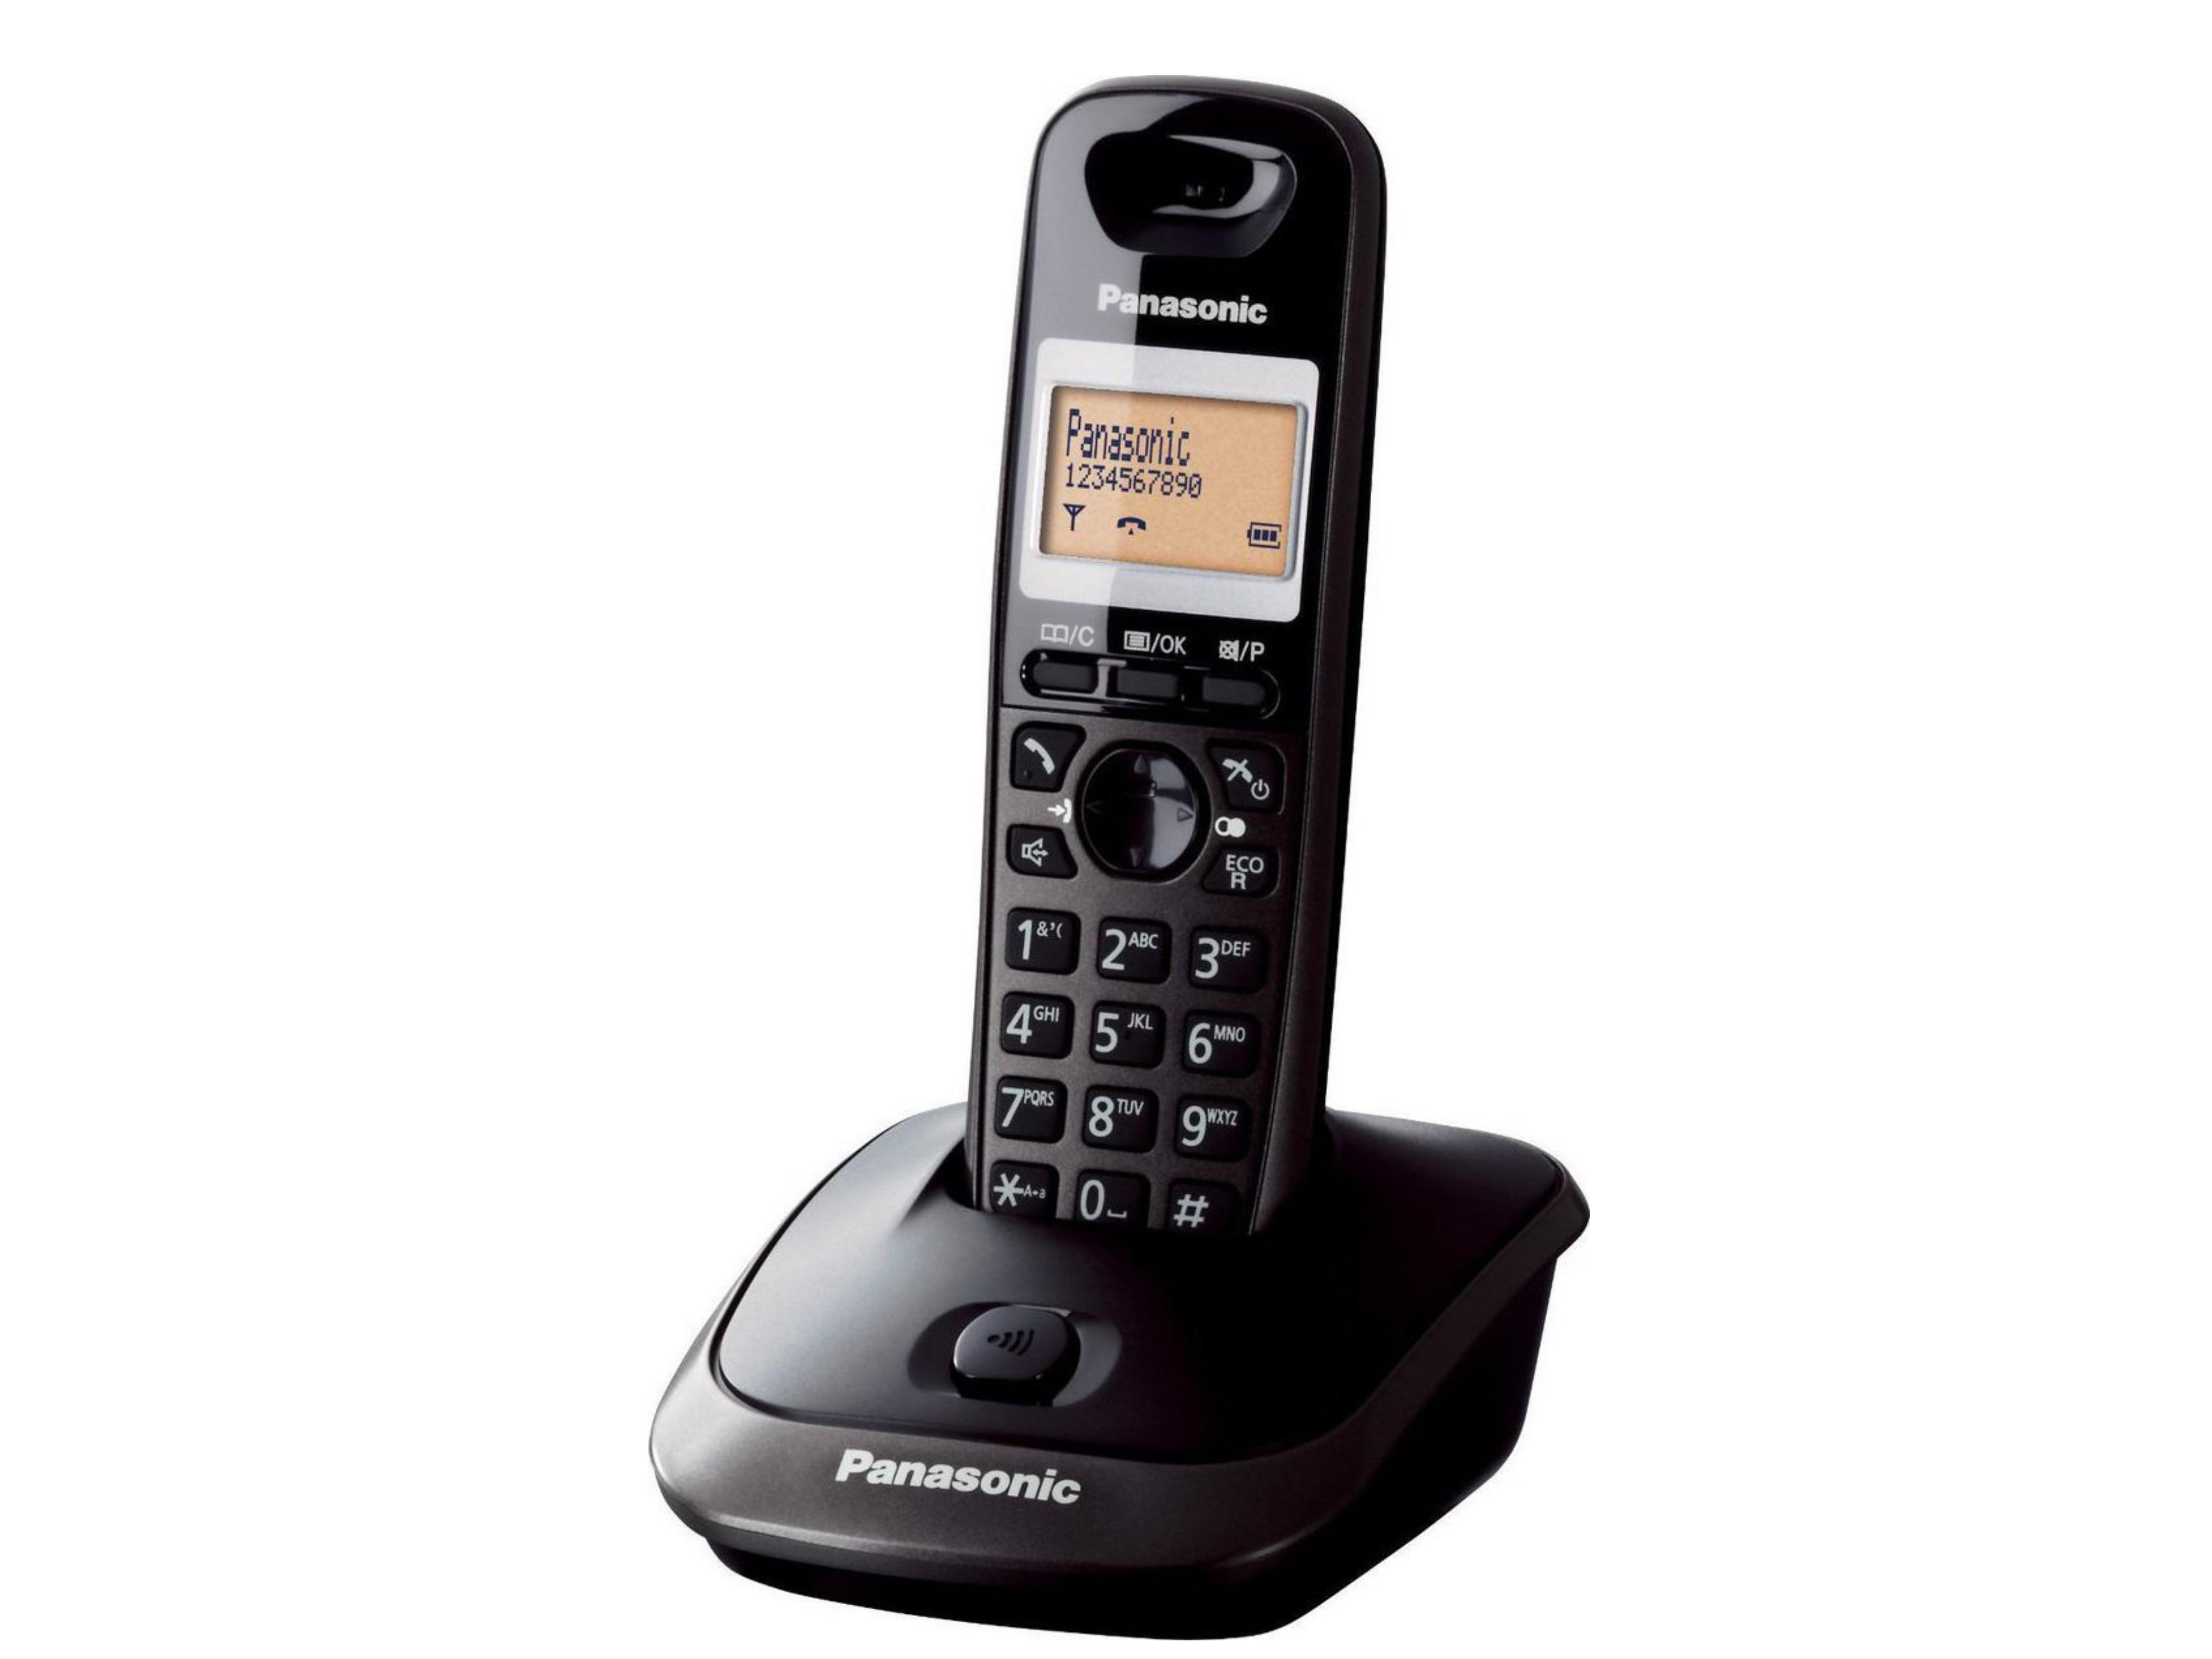 Ασύρματο Ψηφιακό Τηλέφωνο Panasonic KX-TG2511 COL